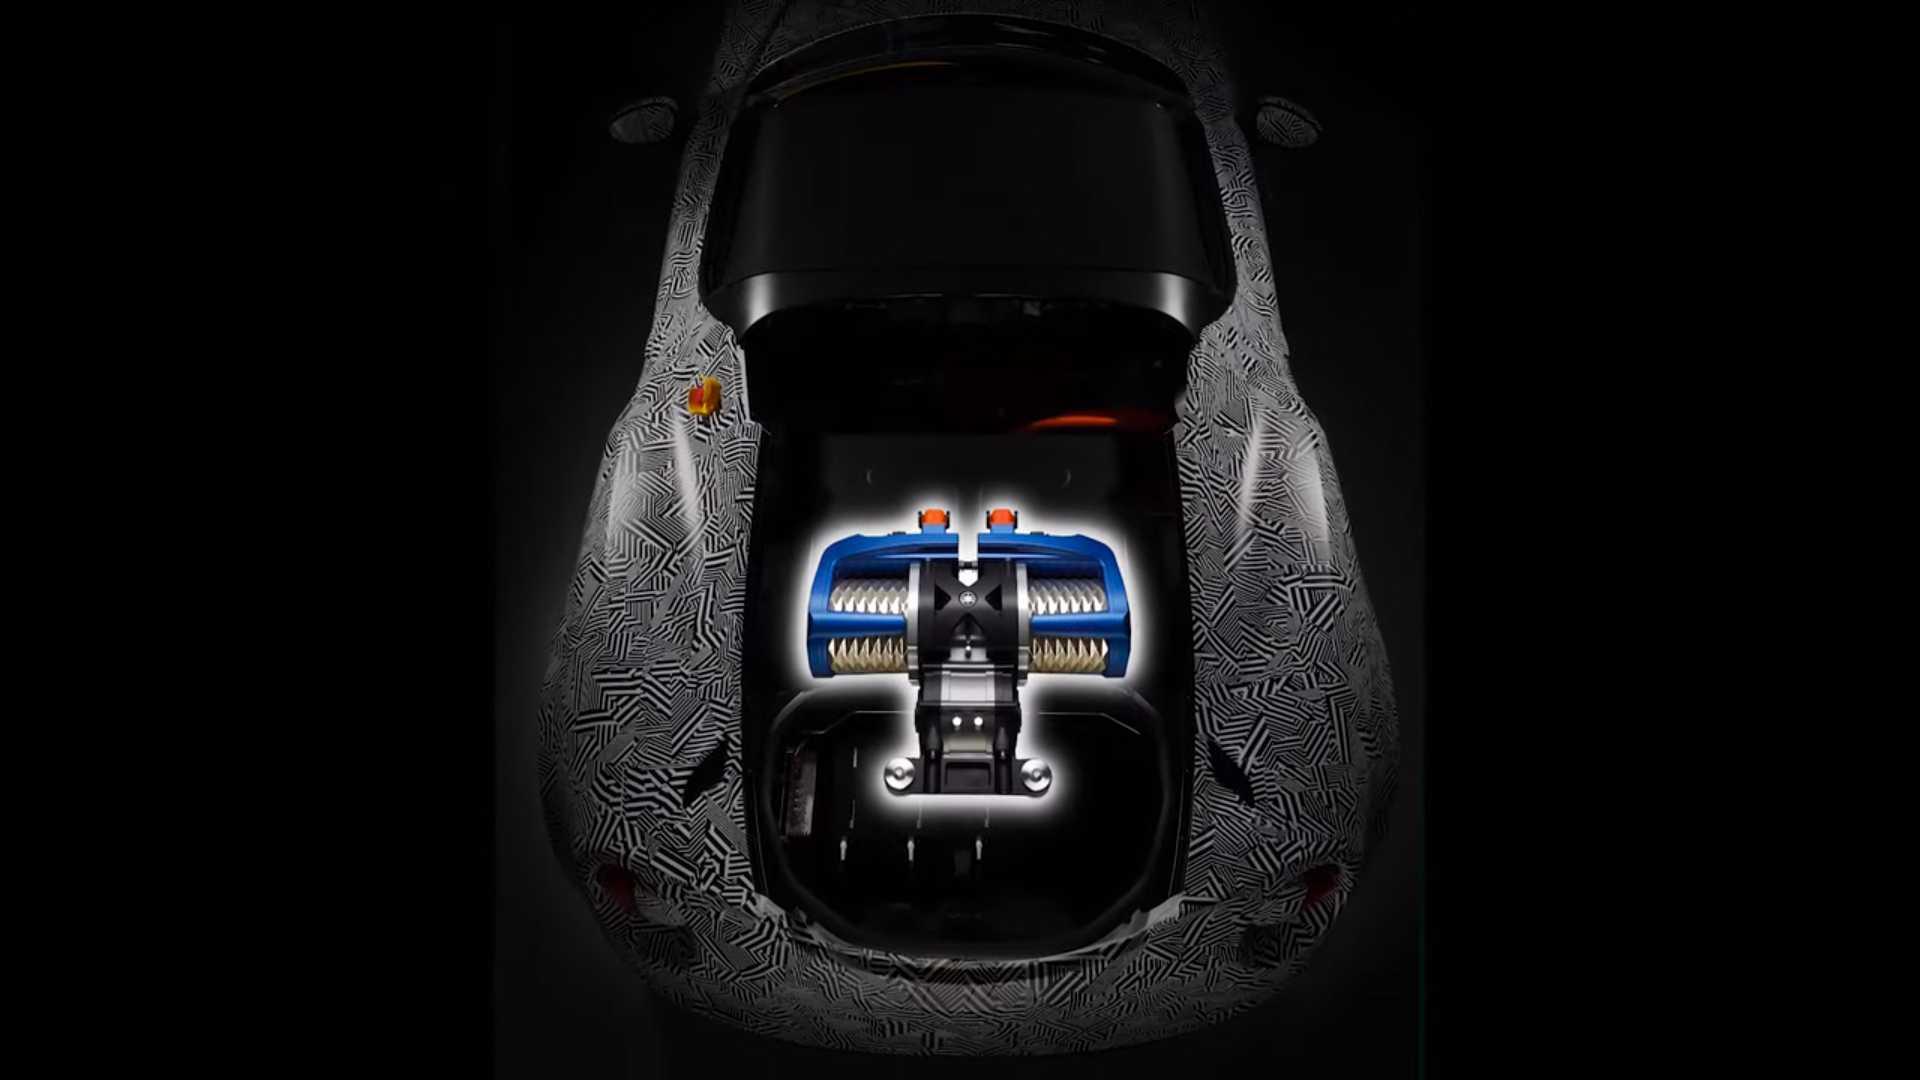 Фирма Yamaha много лет пыталась создать собственный автомобиль, но дальше прототипов дело не пошло. Осенью прошлого года японцы заявили о прекращении работы над четырёхколёсным транспортом, но этим летом внезапно опубликовали видео со среднемоторным родстером Alfa Romeo 4C Spider.